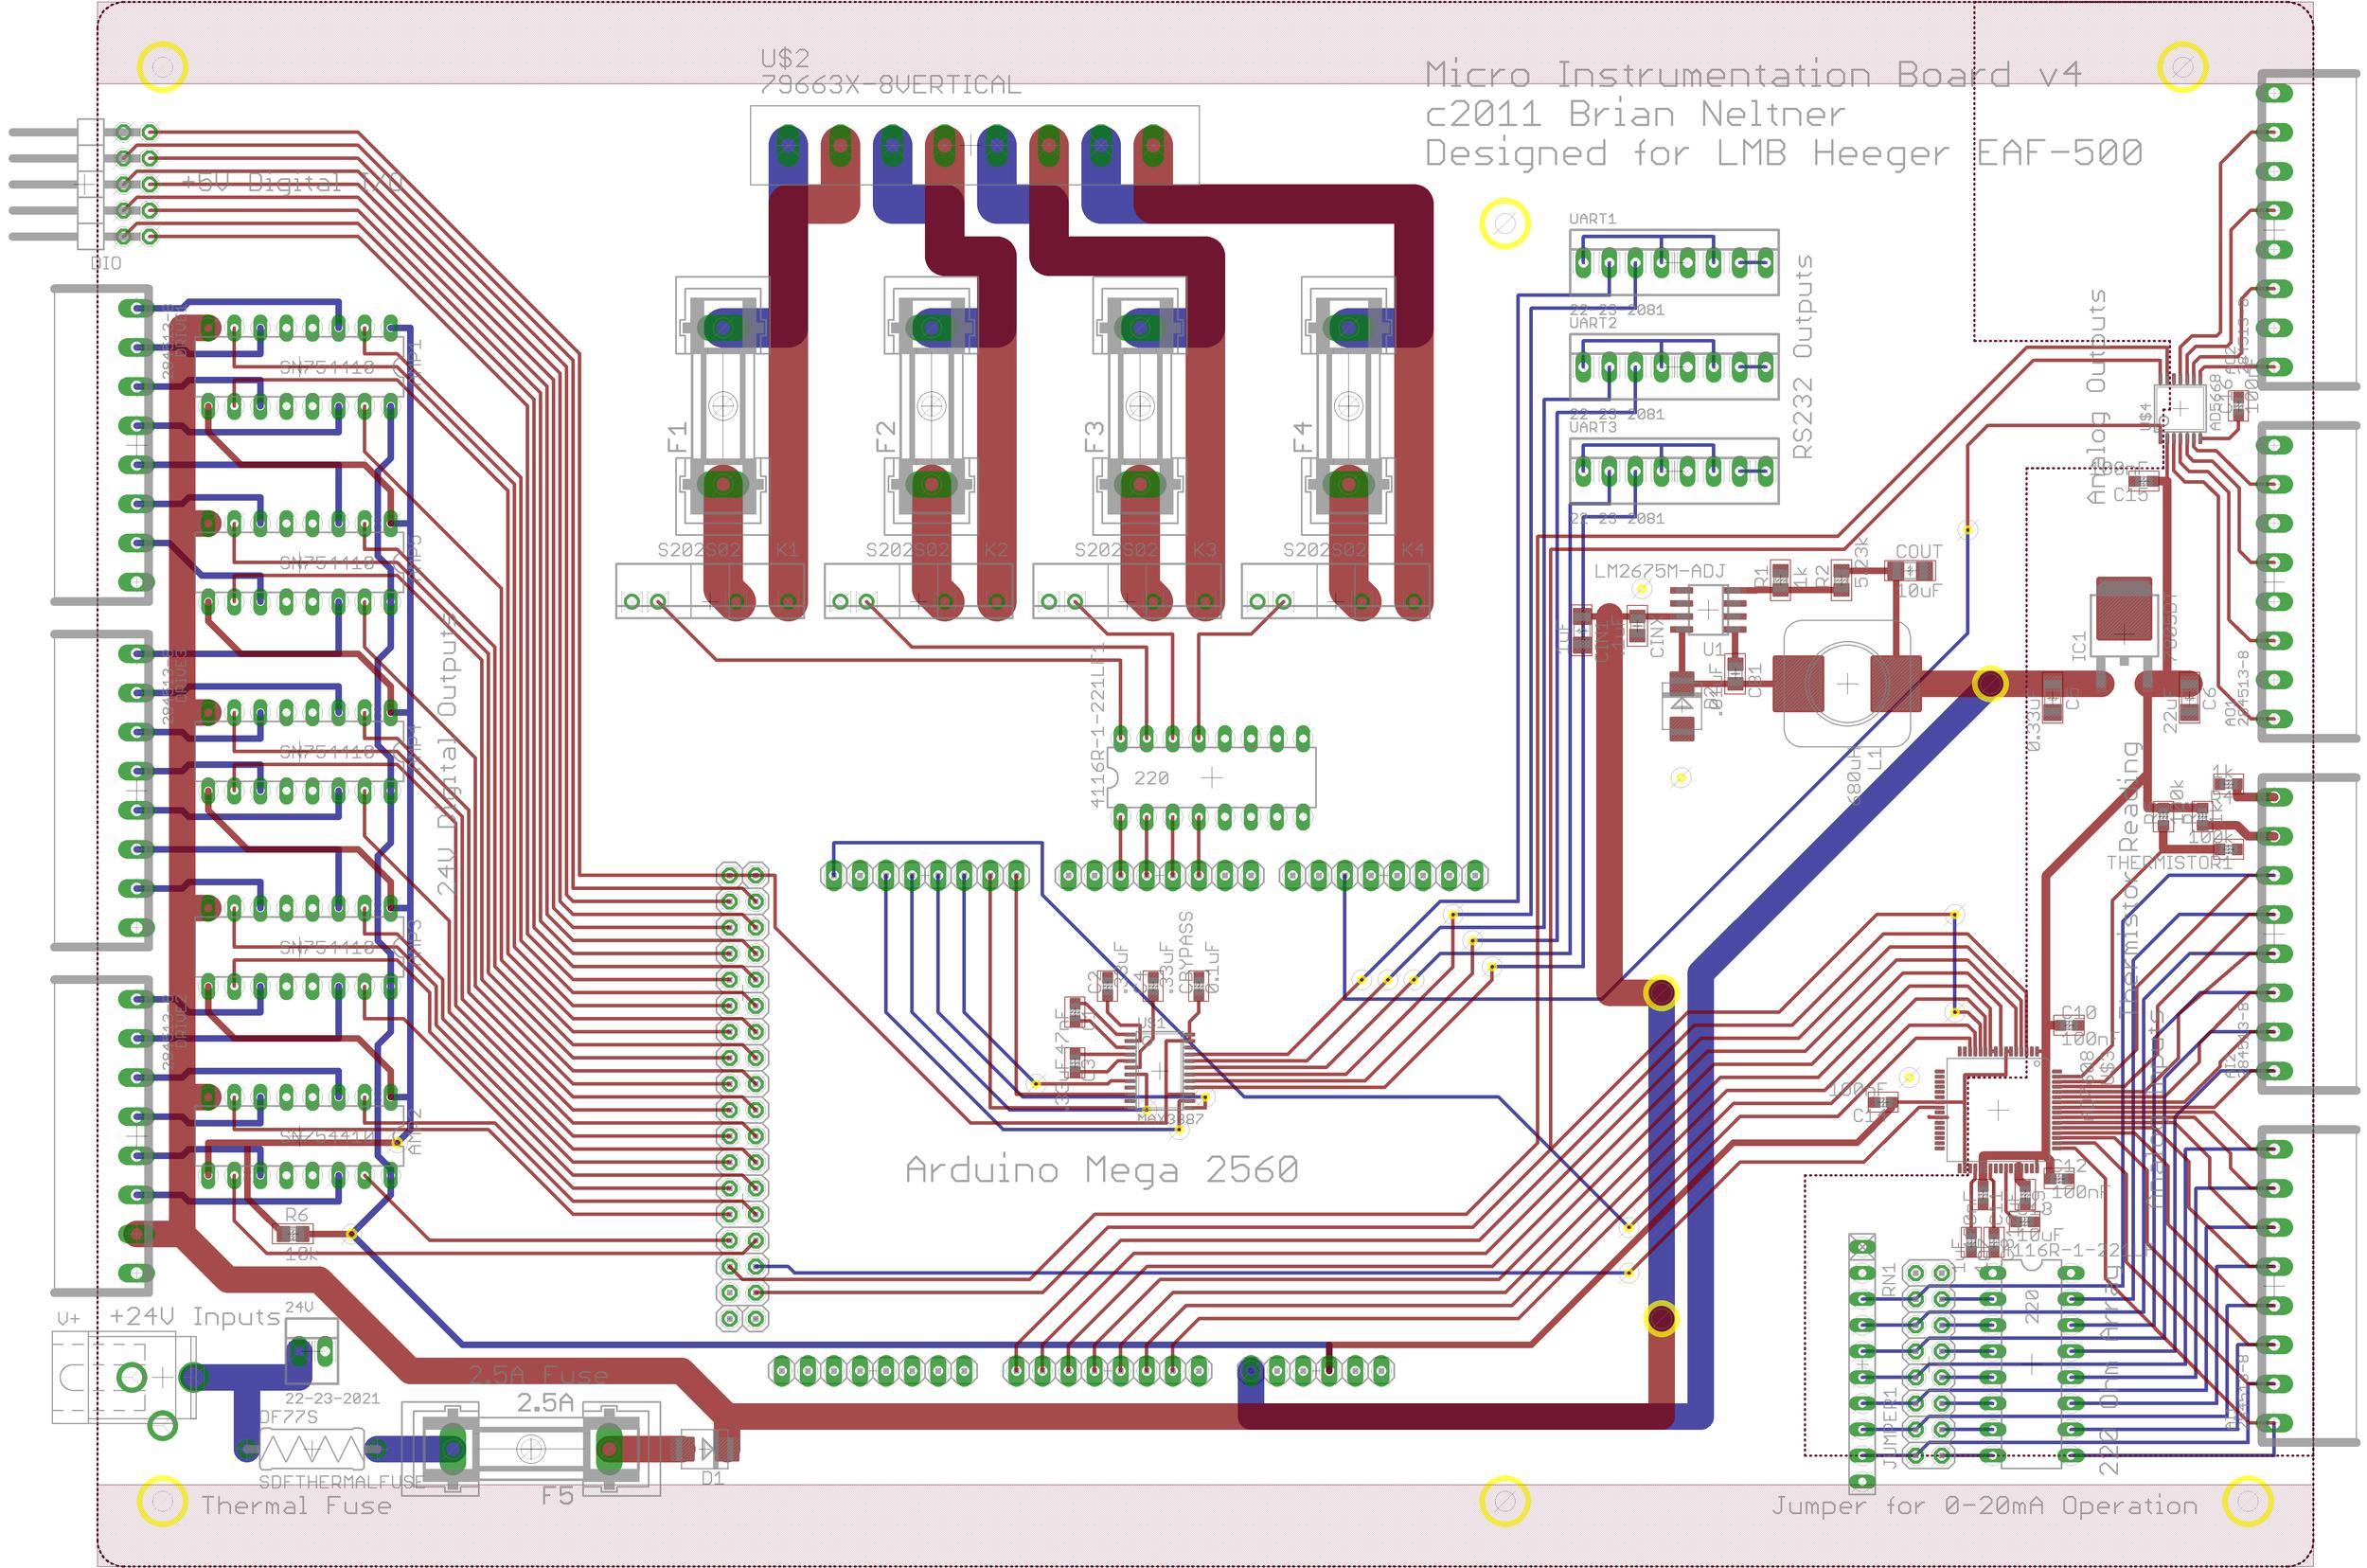 instrumentation_board_v4.png